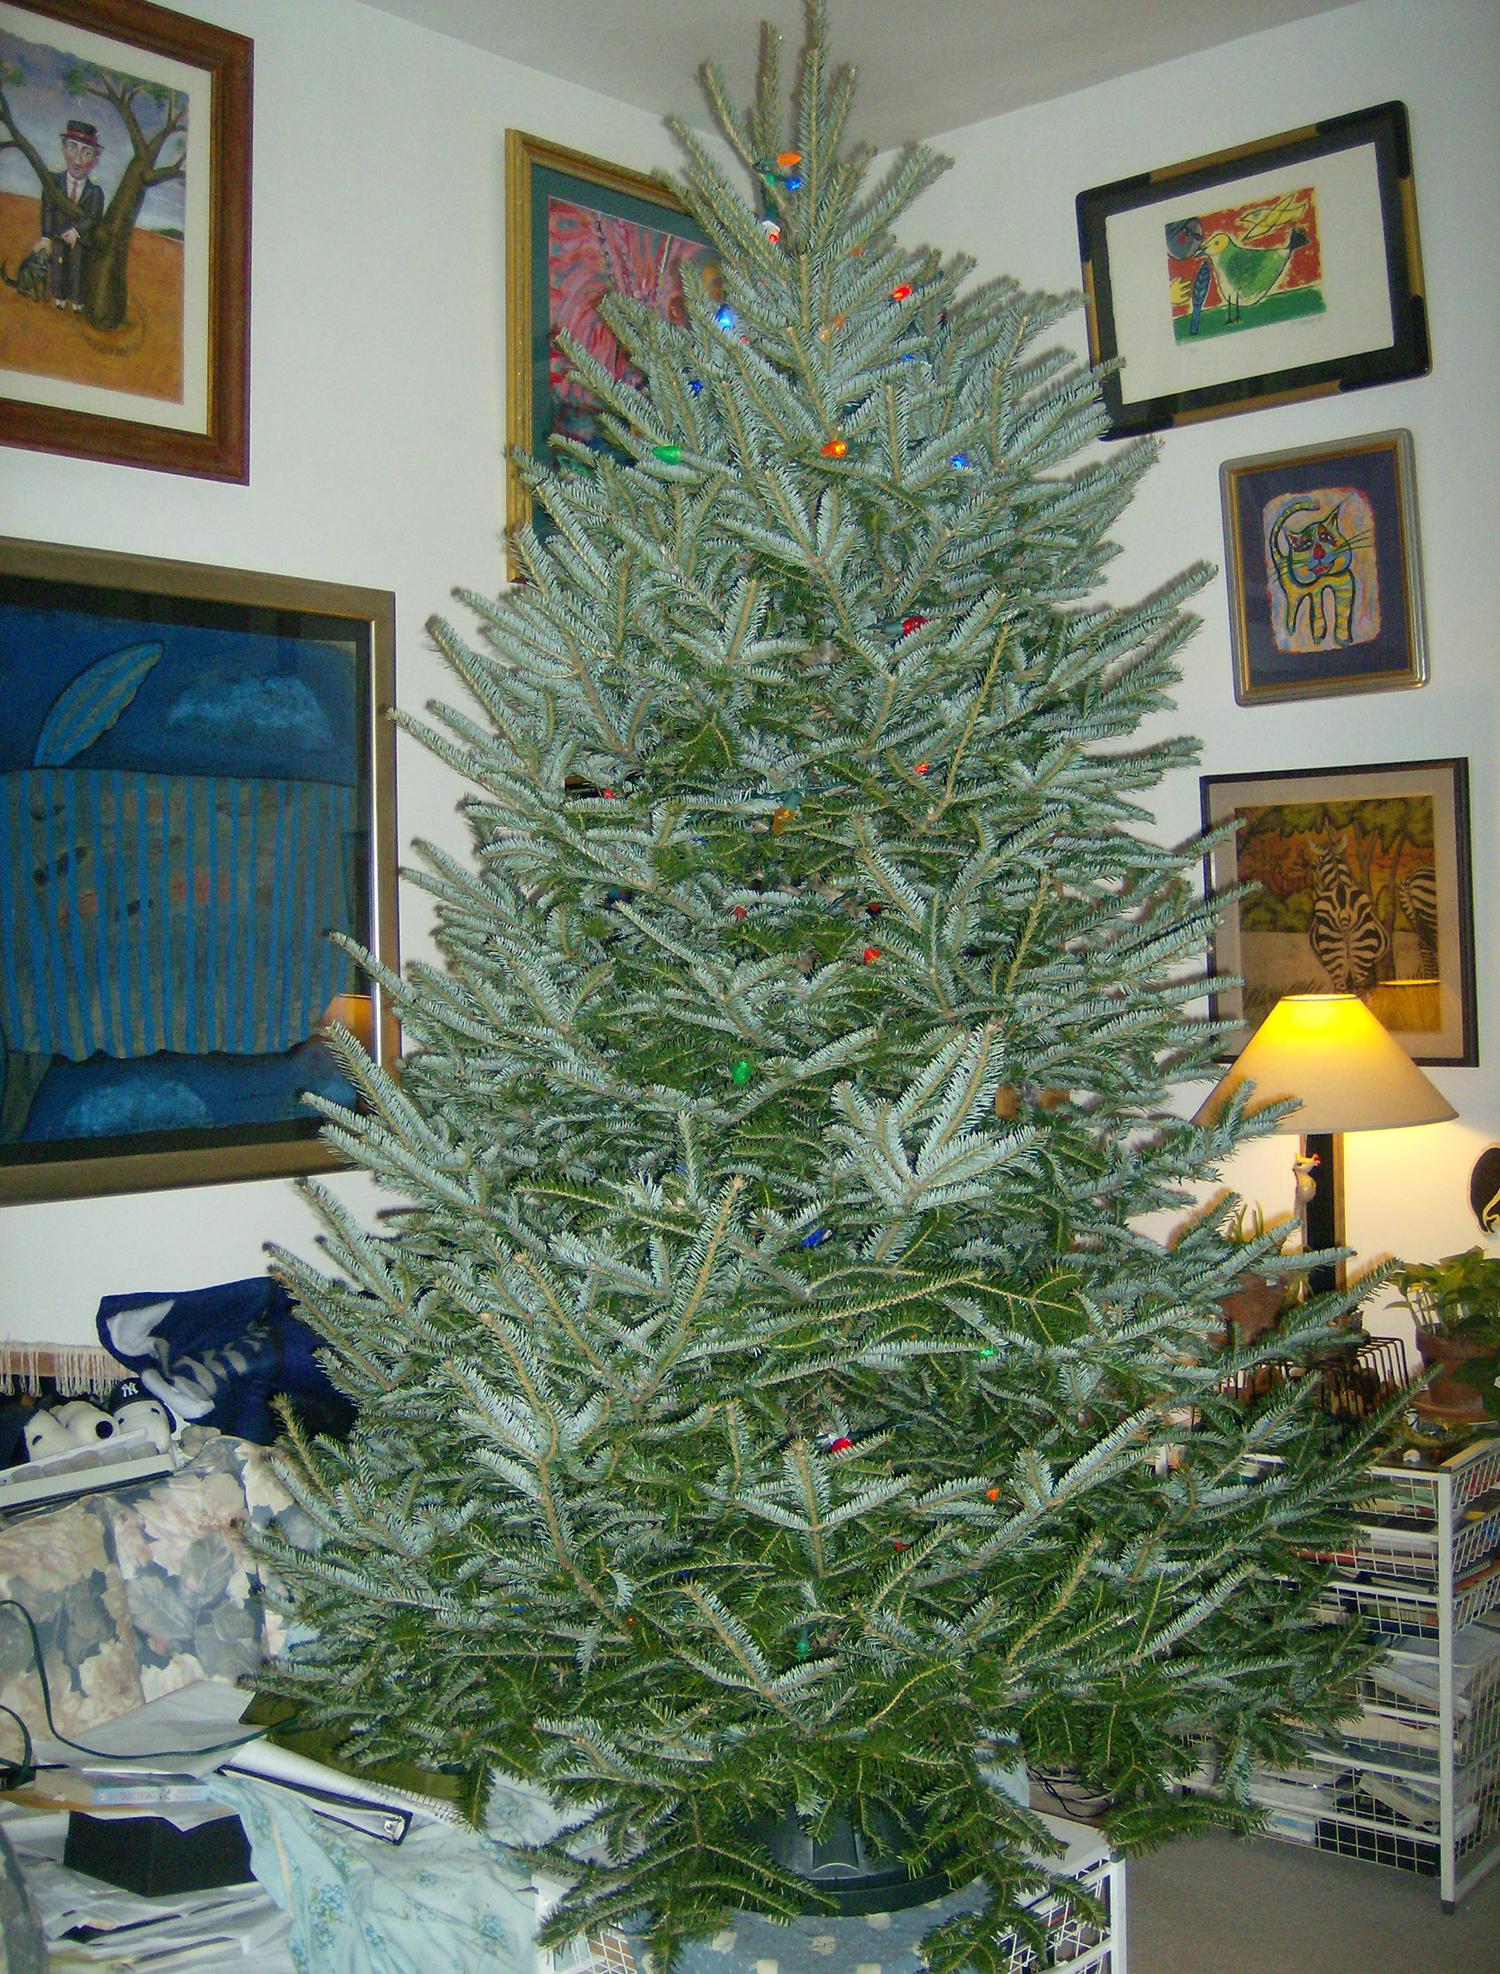 Mr. Tree gets his lights on.